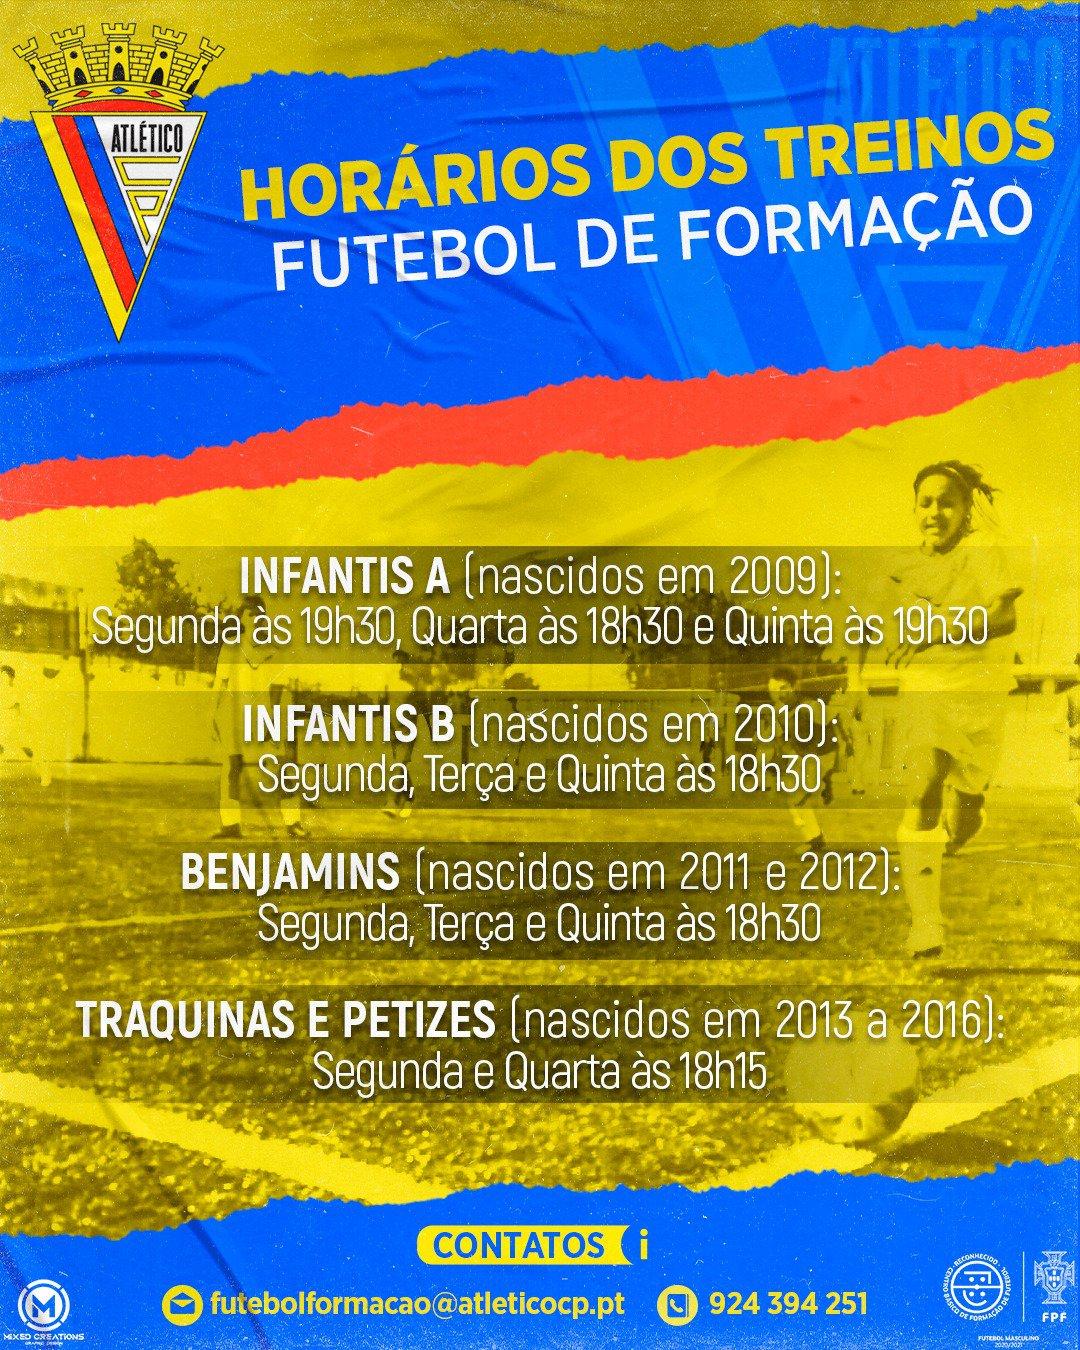 Futebol Formação - Horários